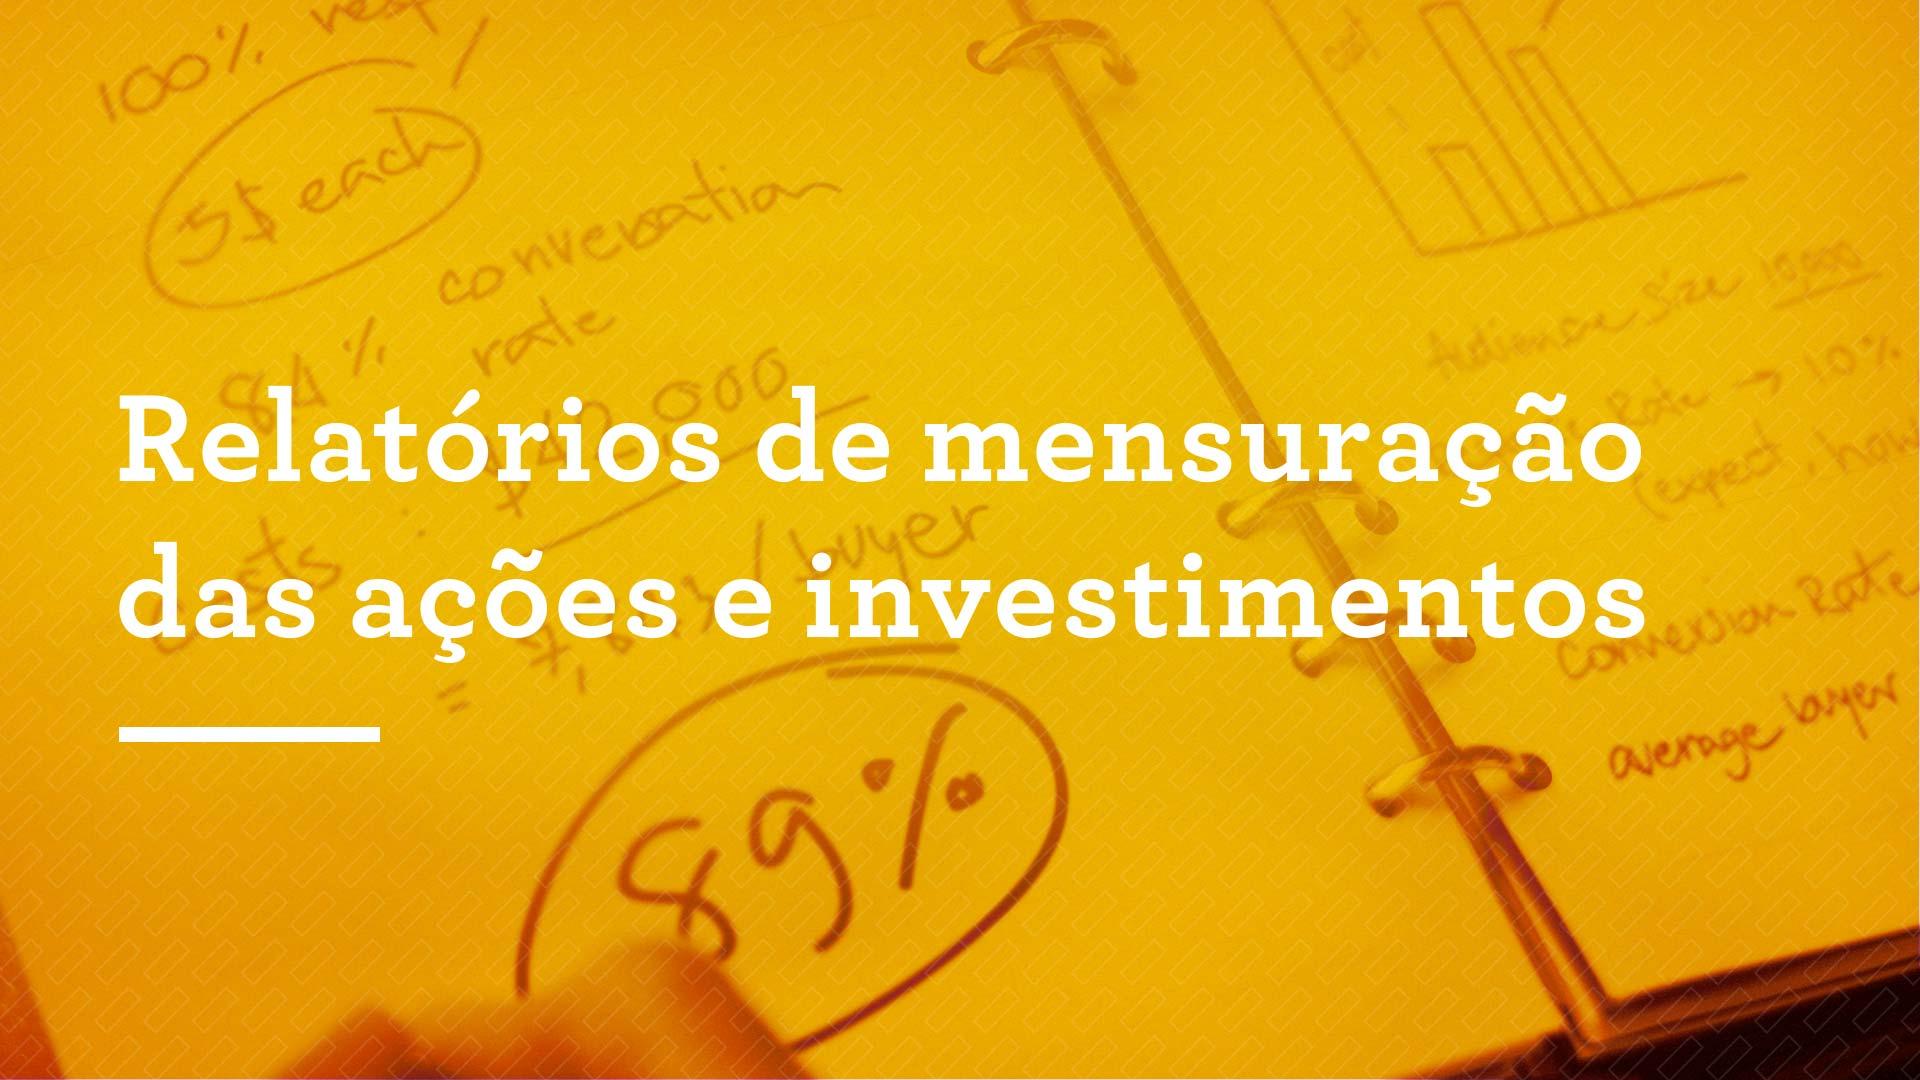 Relatórios de mensuração das ações e investimentos